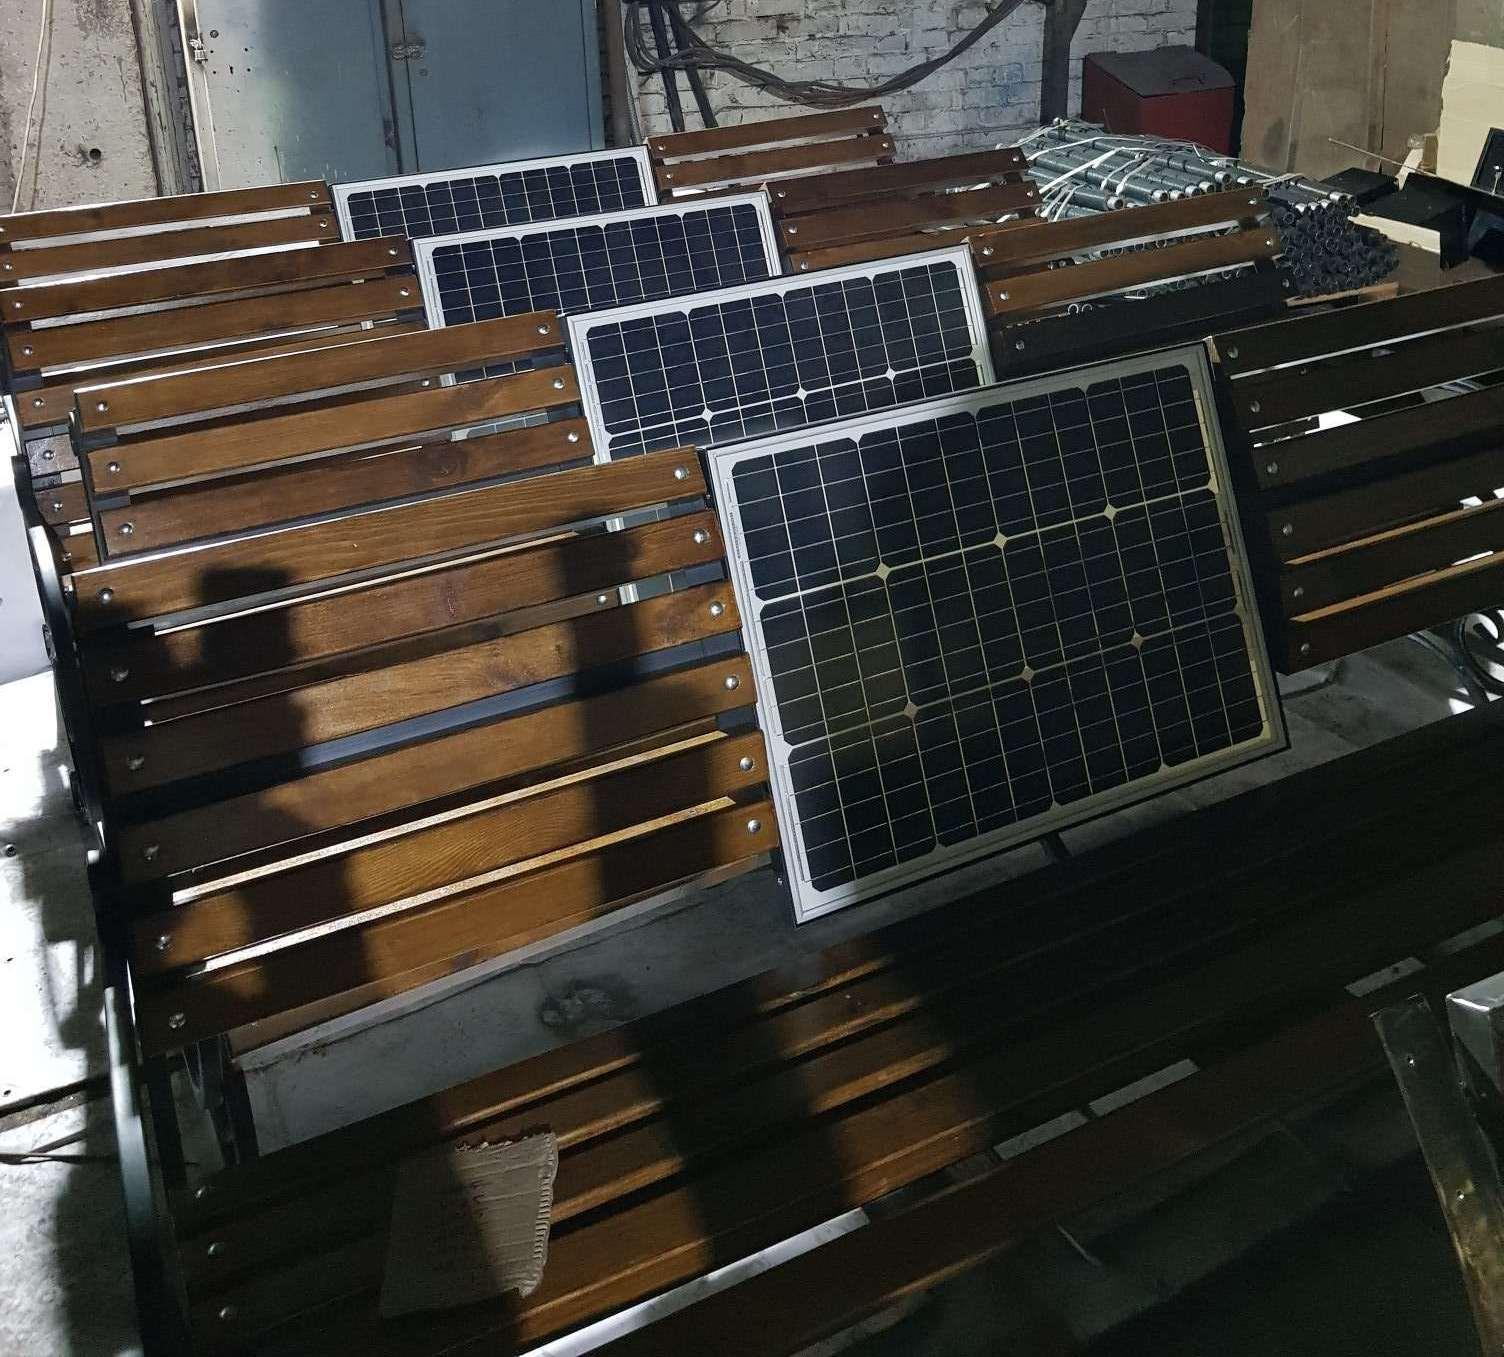 проект сонячного дерева монтаж сонячне дерево в будь-якому місті України підбір обладнання проектні роботи пусконалагоджувальні роботи 3D моделювання сервісне обслуговування